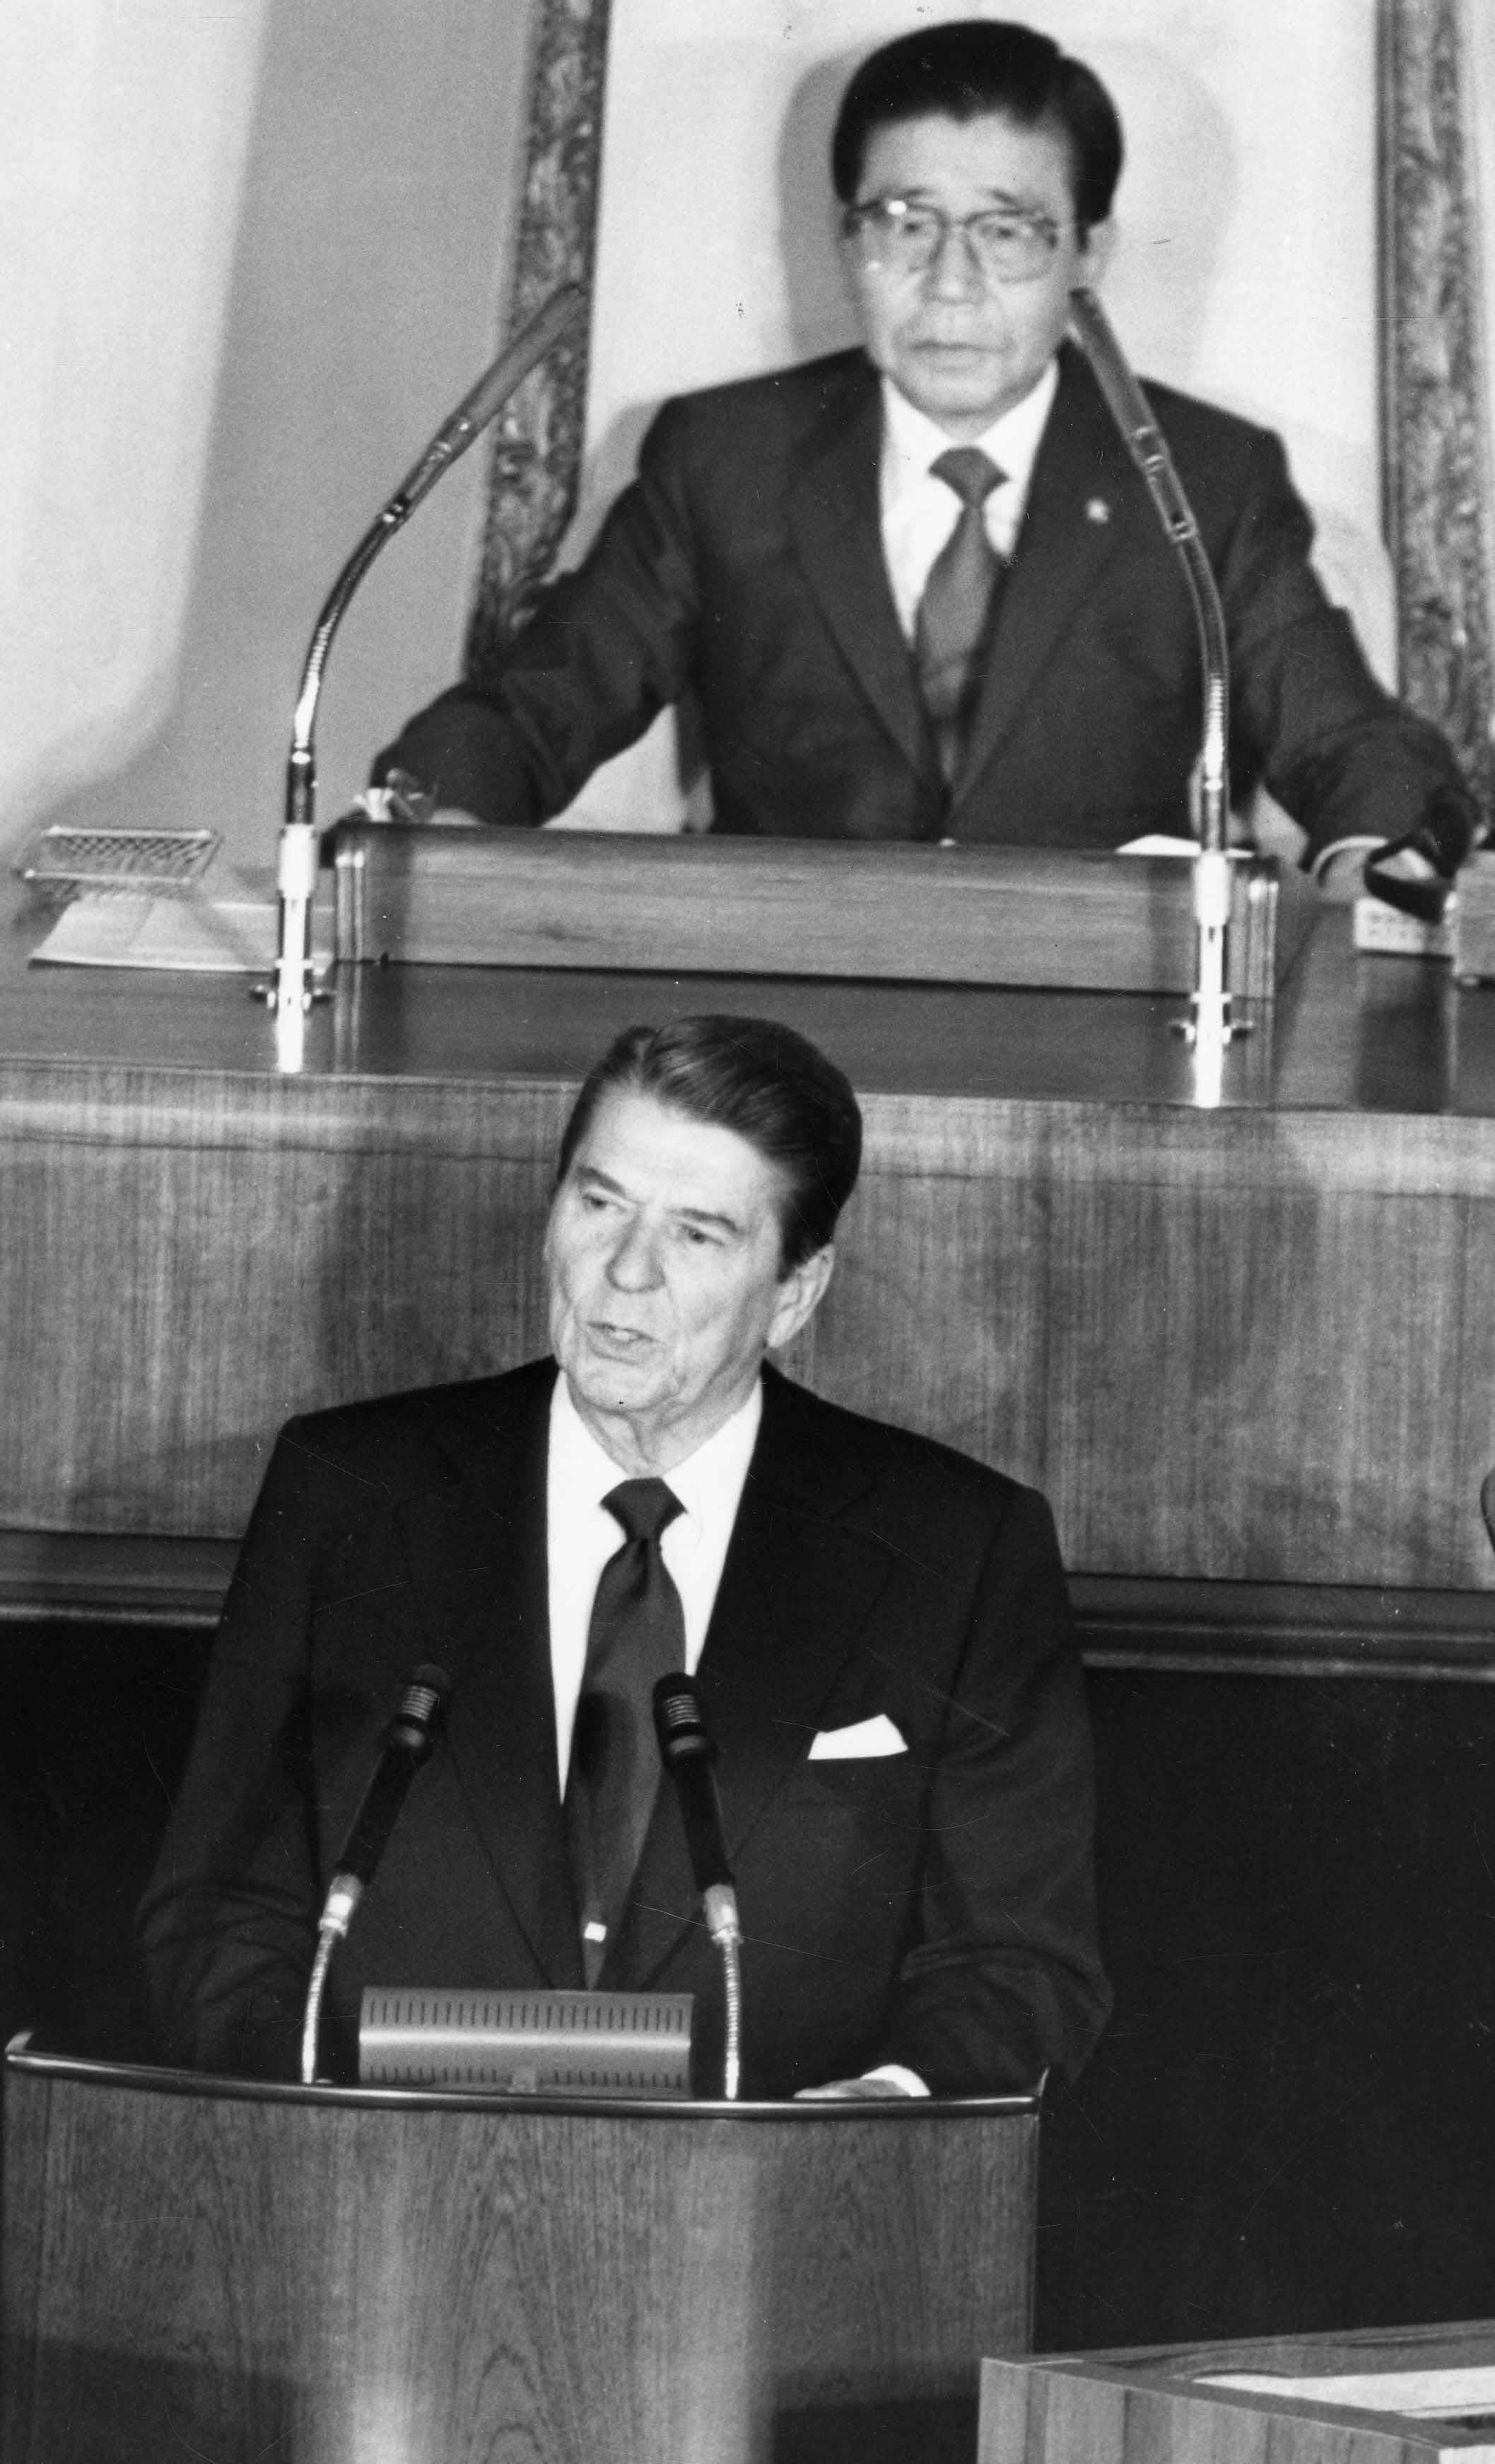 로널드 레이건 공화당 후보 미국 제40대 대통령 당선